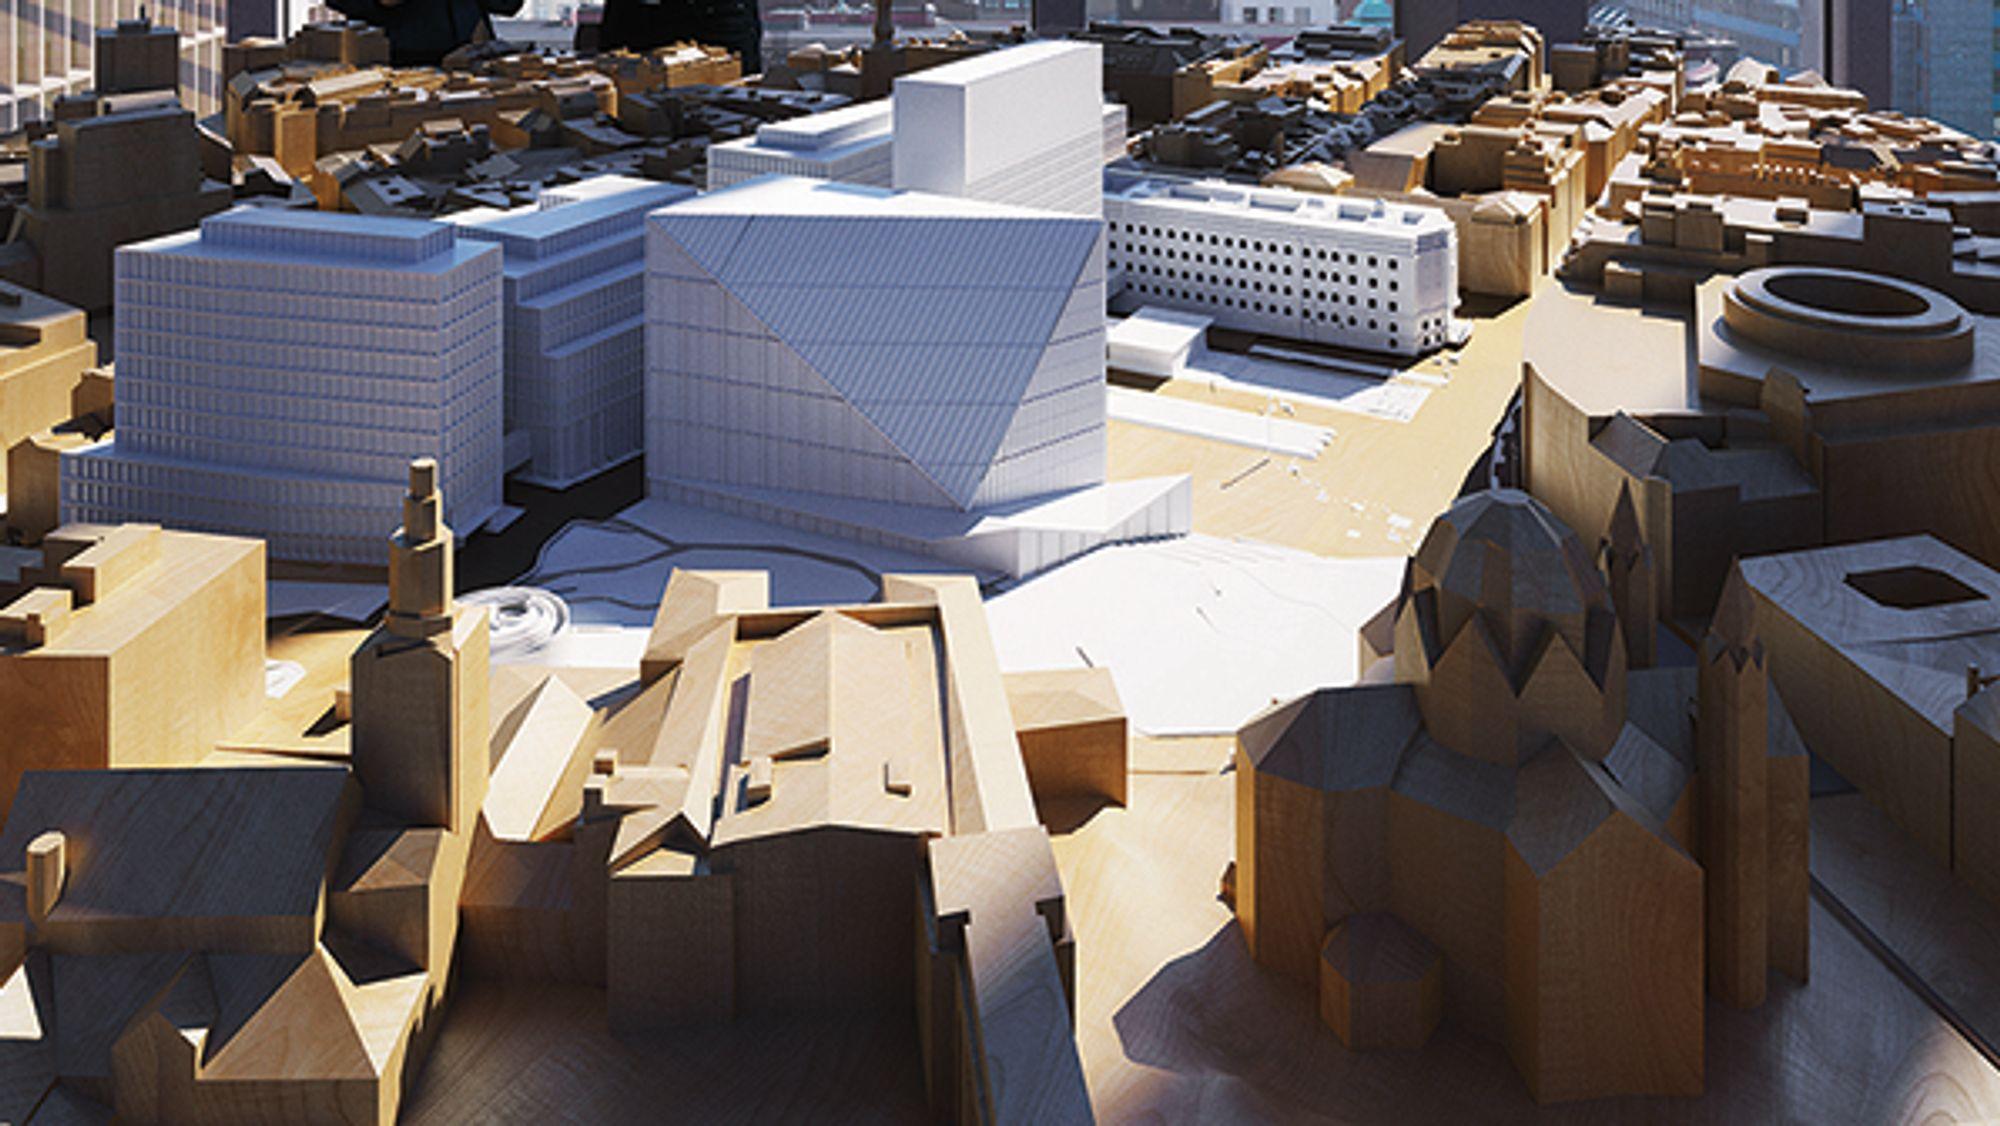 Statsbyggs nye utstilling i 22. juli-senteret i Høyblokkens er nå åpen for publikum i vestre paviljong.